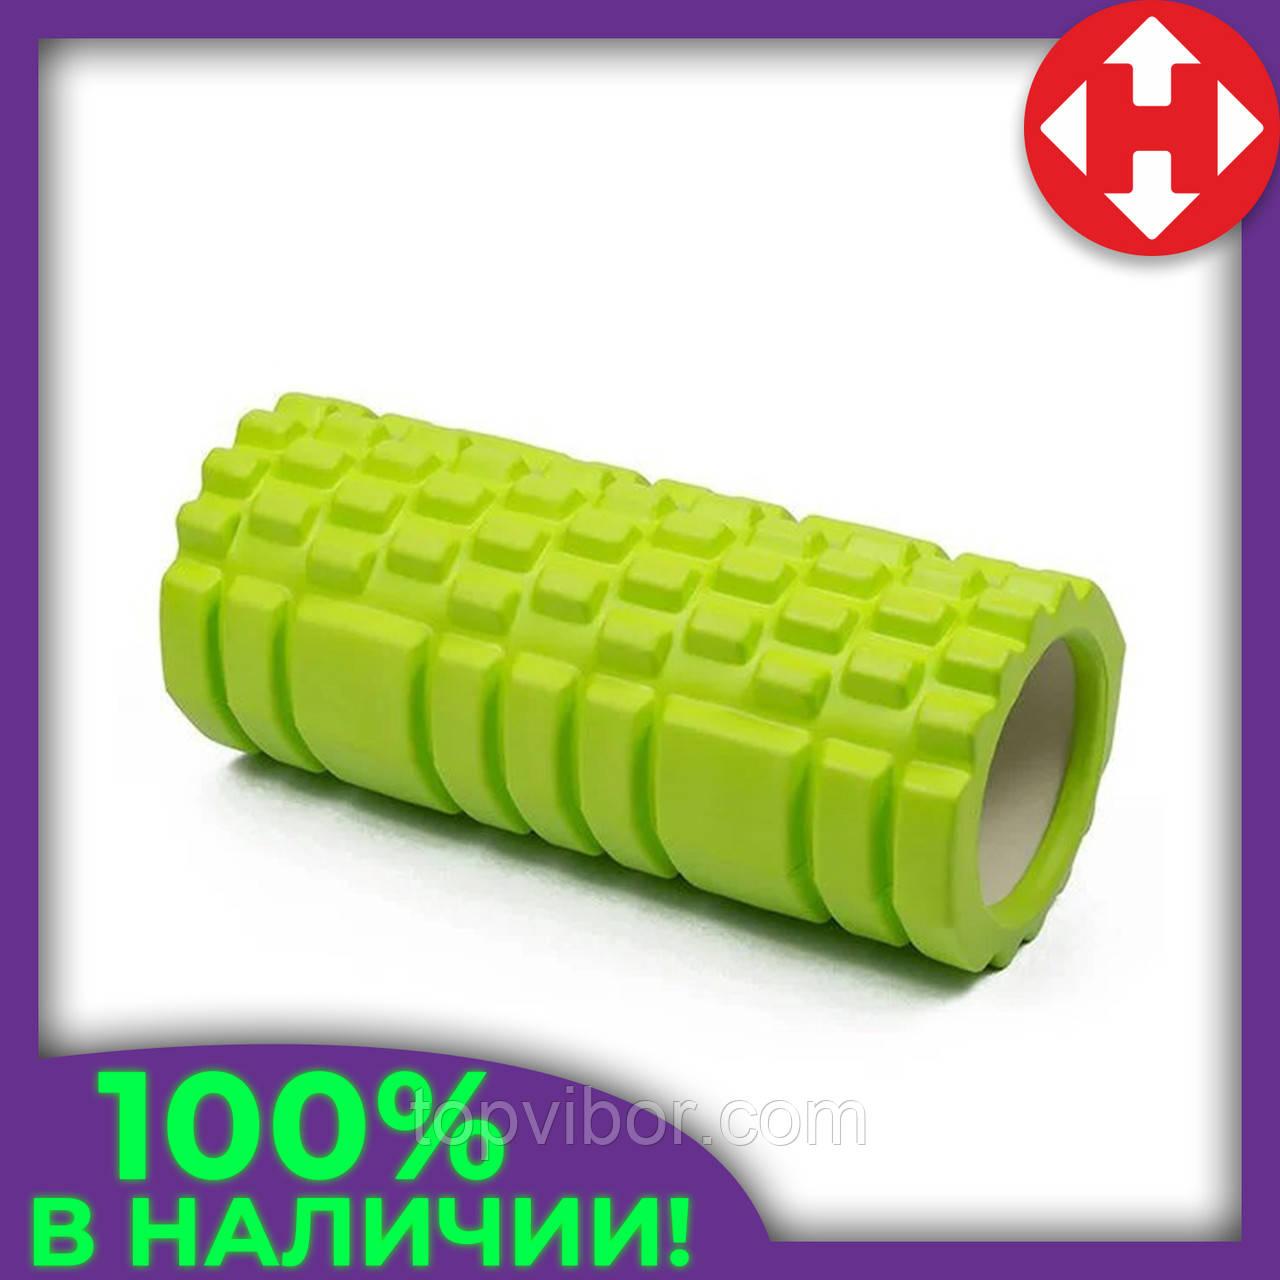 Роллер для массажа спины и разминки мышц, Зеленый с большими секциями, массажный валик/ролик для фитнеса/йоги